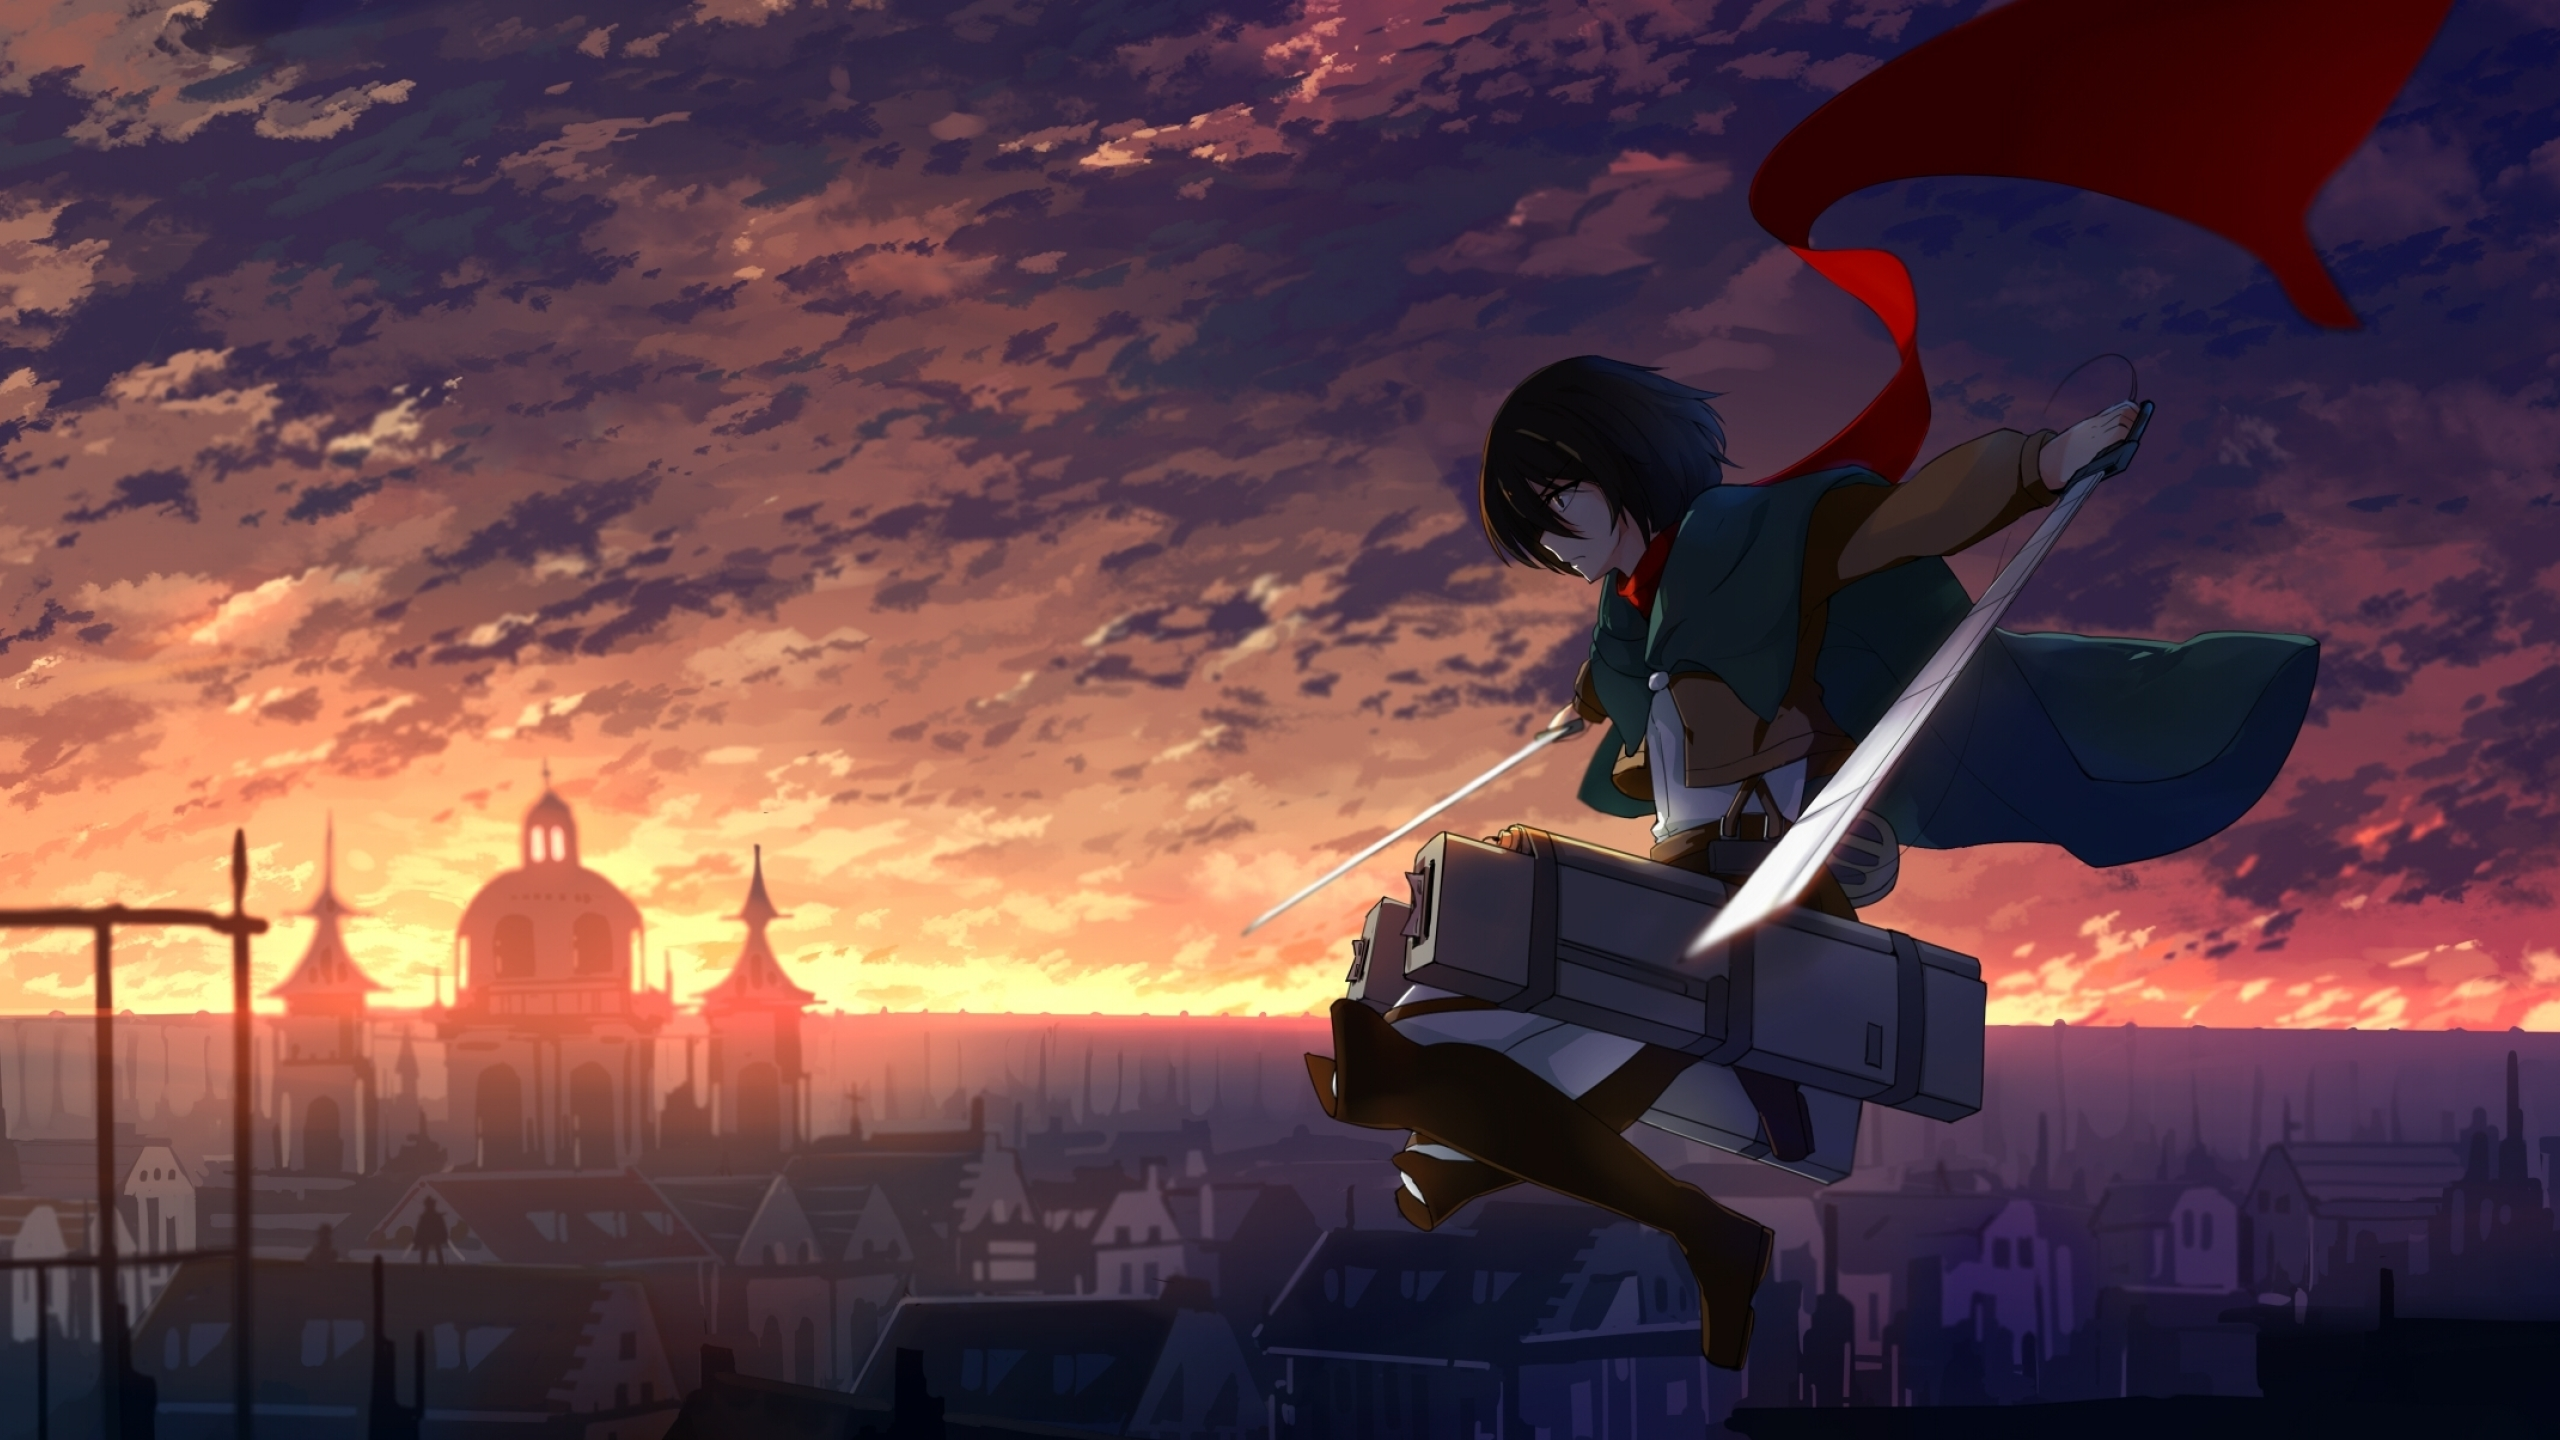 2560x1440 Anime Shingeki No Kyojin Mikasa Ackerman 1440p